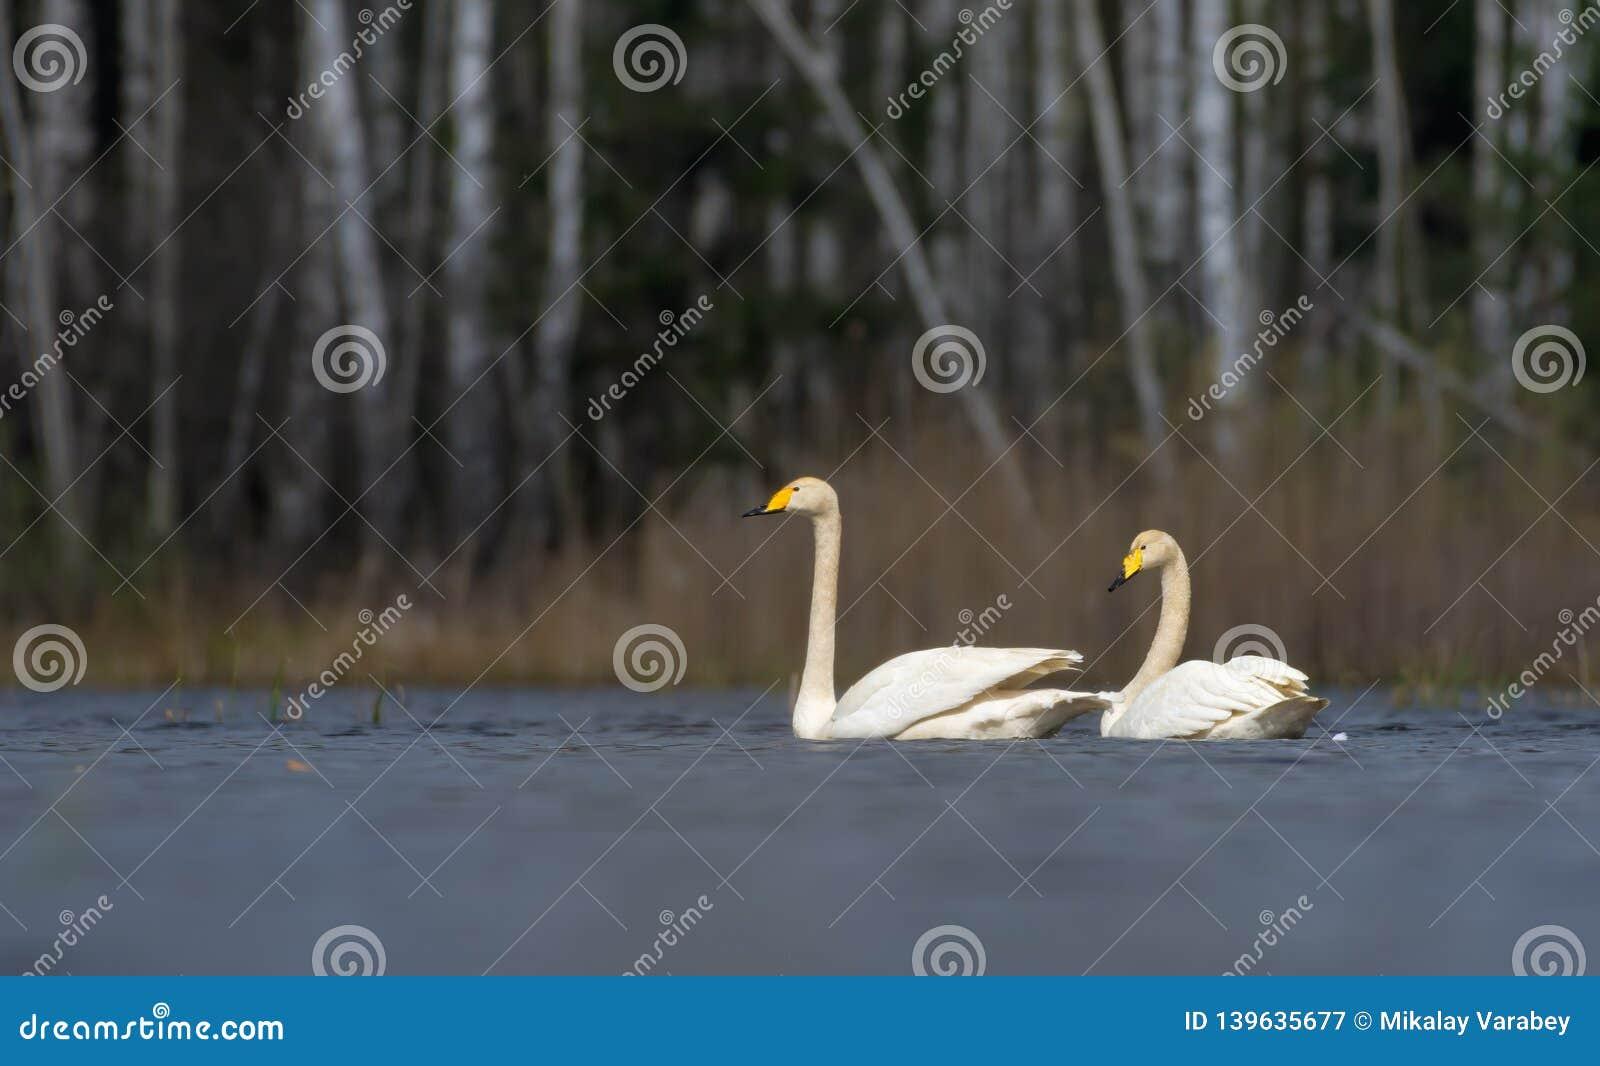 Γραφικός εξετάστε το ζευγάρι των ενήλικων κύκνων whooper που κολυμπούν ο ένας κοντά στον άλλο με τα άσπρα φτερά και το φτέρωμα